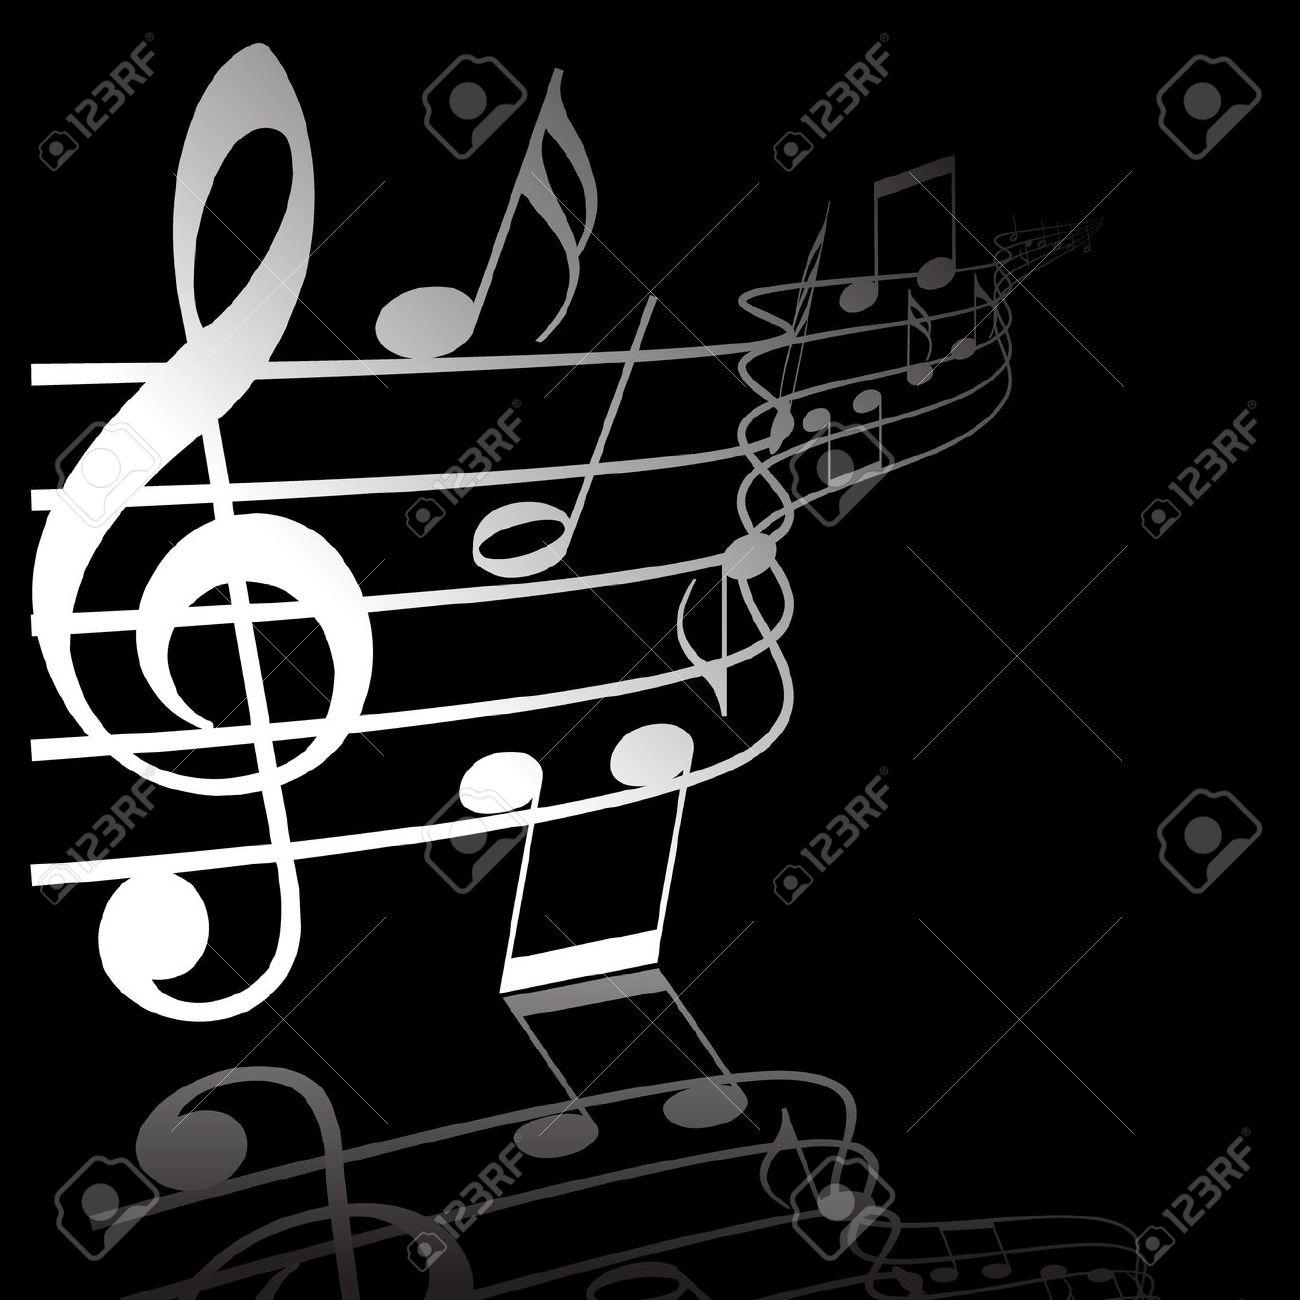 HÌNH NHẠC 3802407-Music-theme-white-notes-on-black-background-Stock-Photo